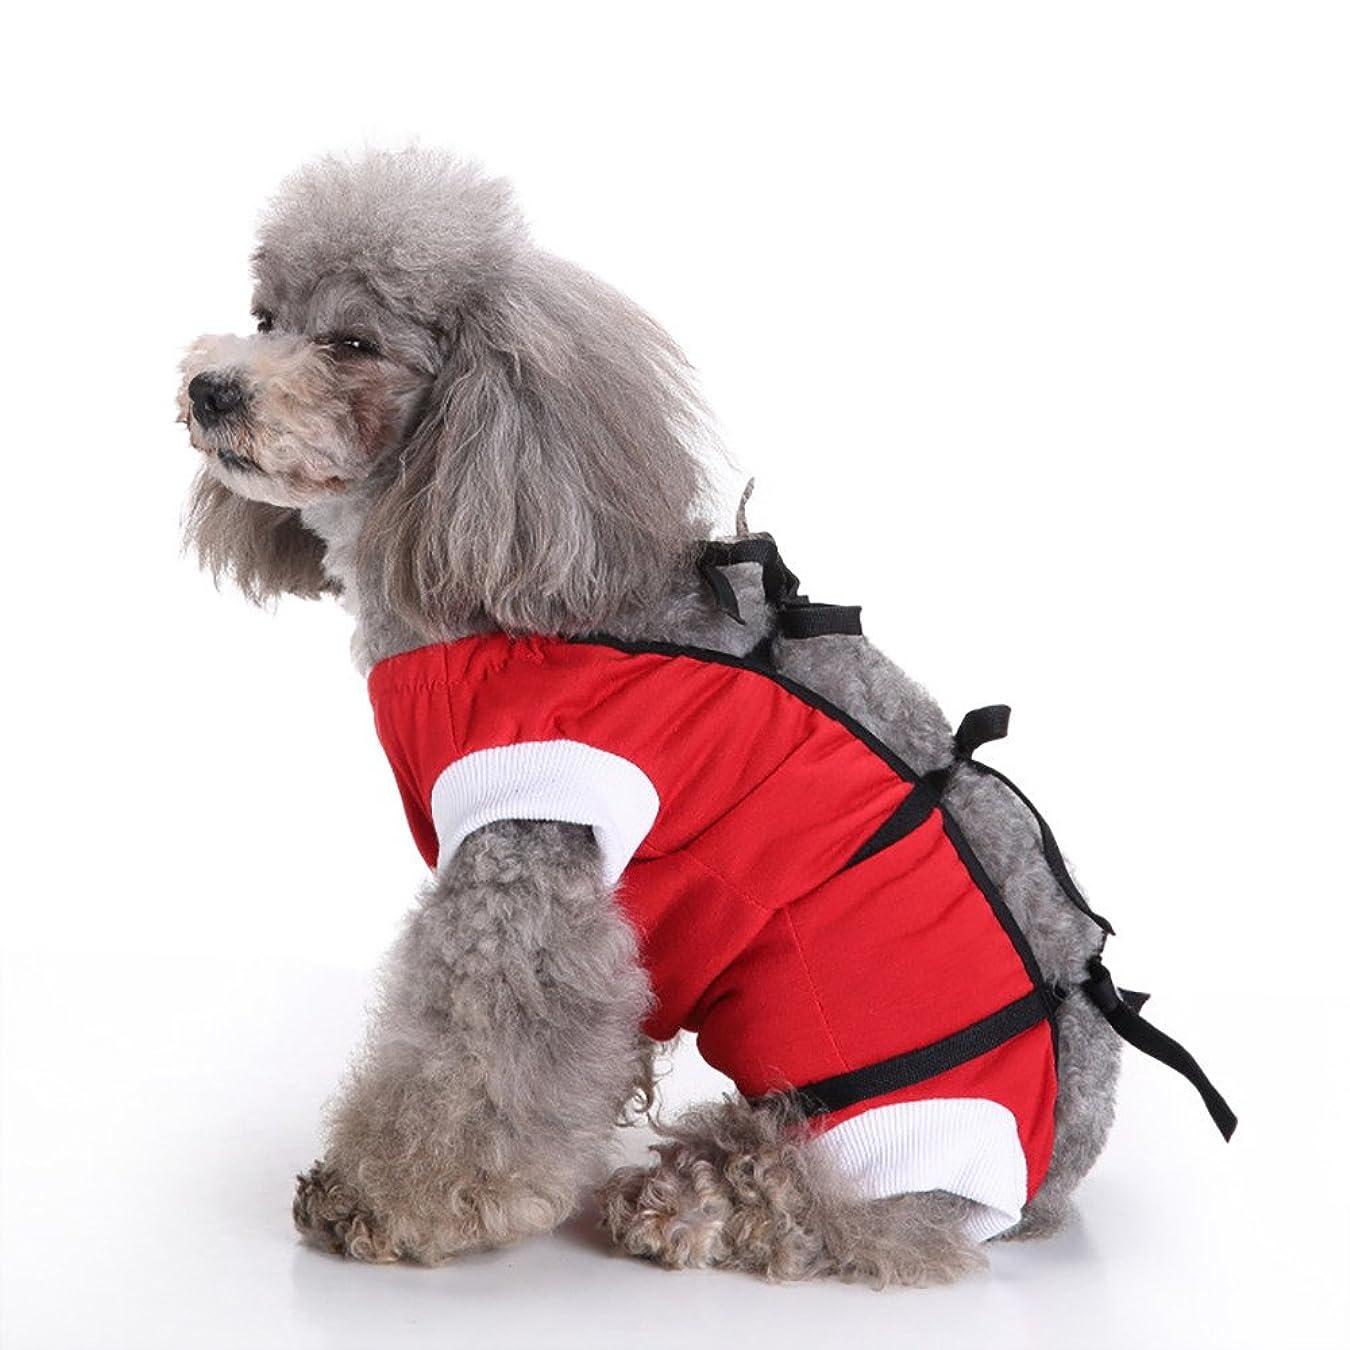 中絶しないでください刺繍Joielmal クインウィンド ペット犬猫手術用ベスト(犬用)夏用腹部創傷疾患手術後の保護犬用ベスト XS- L